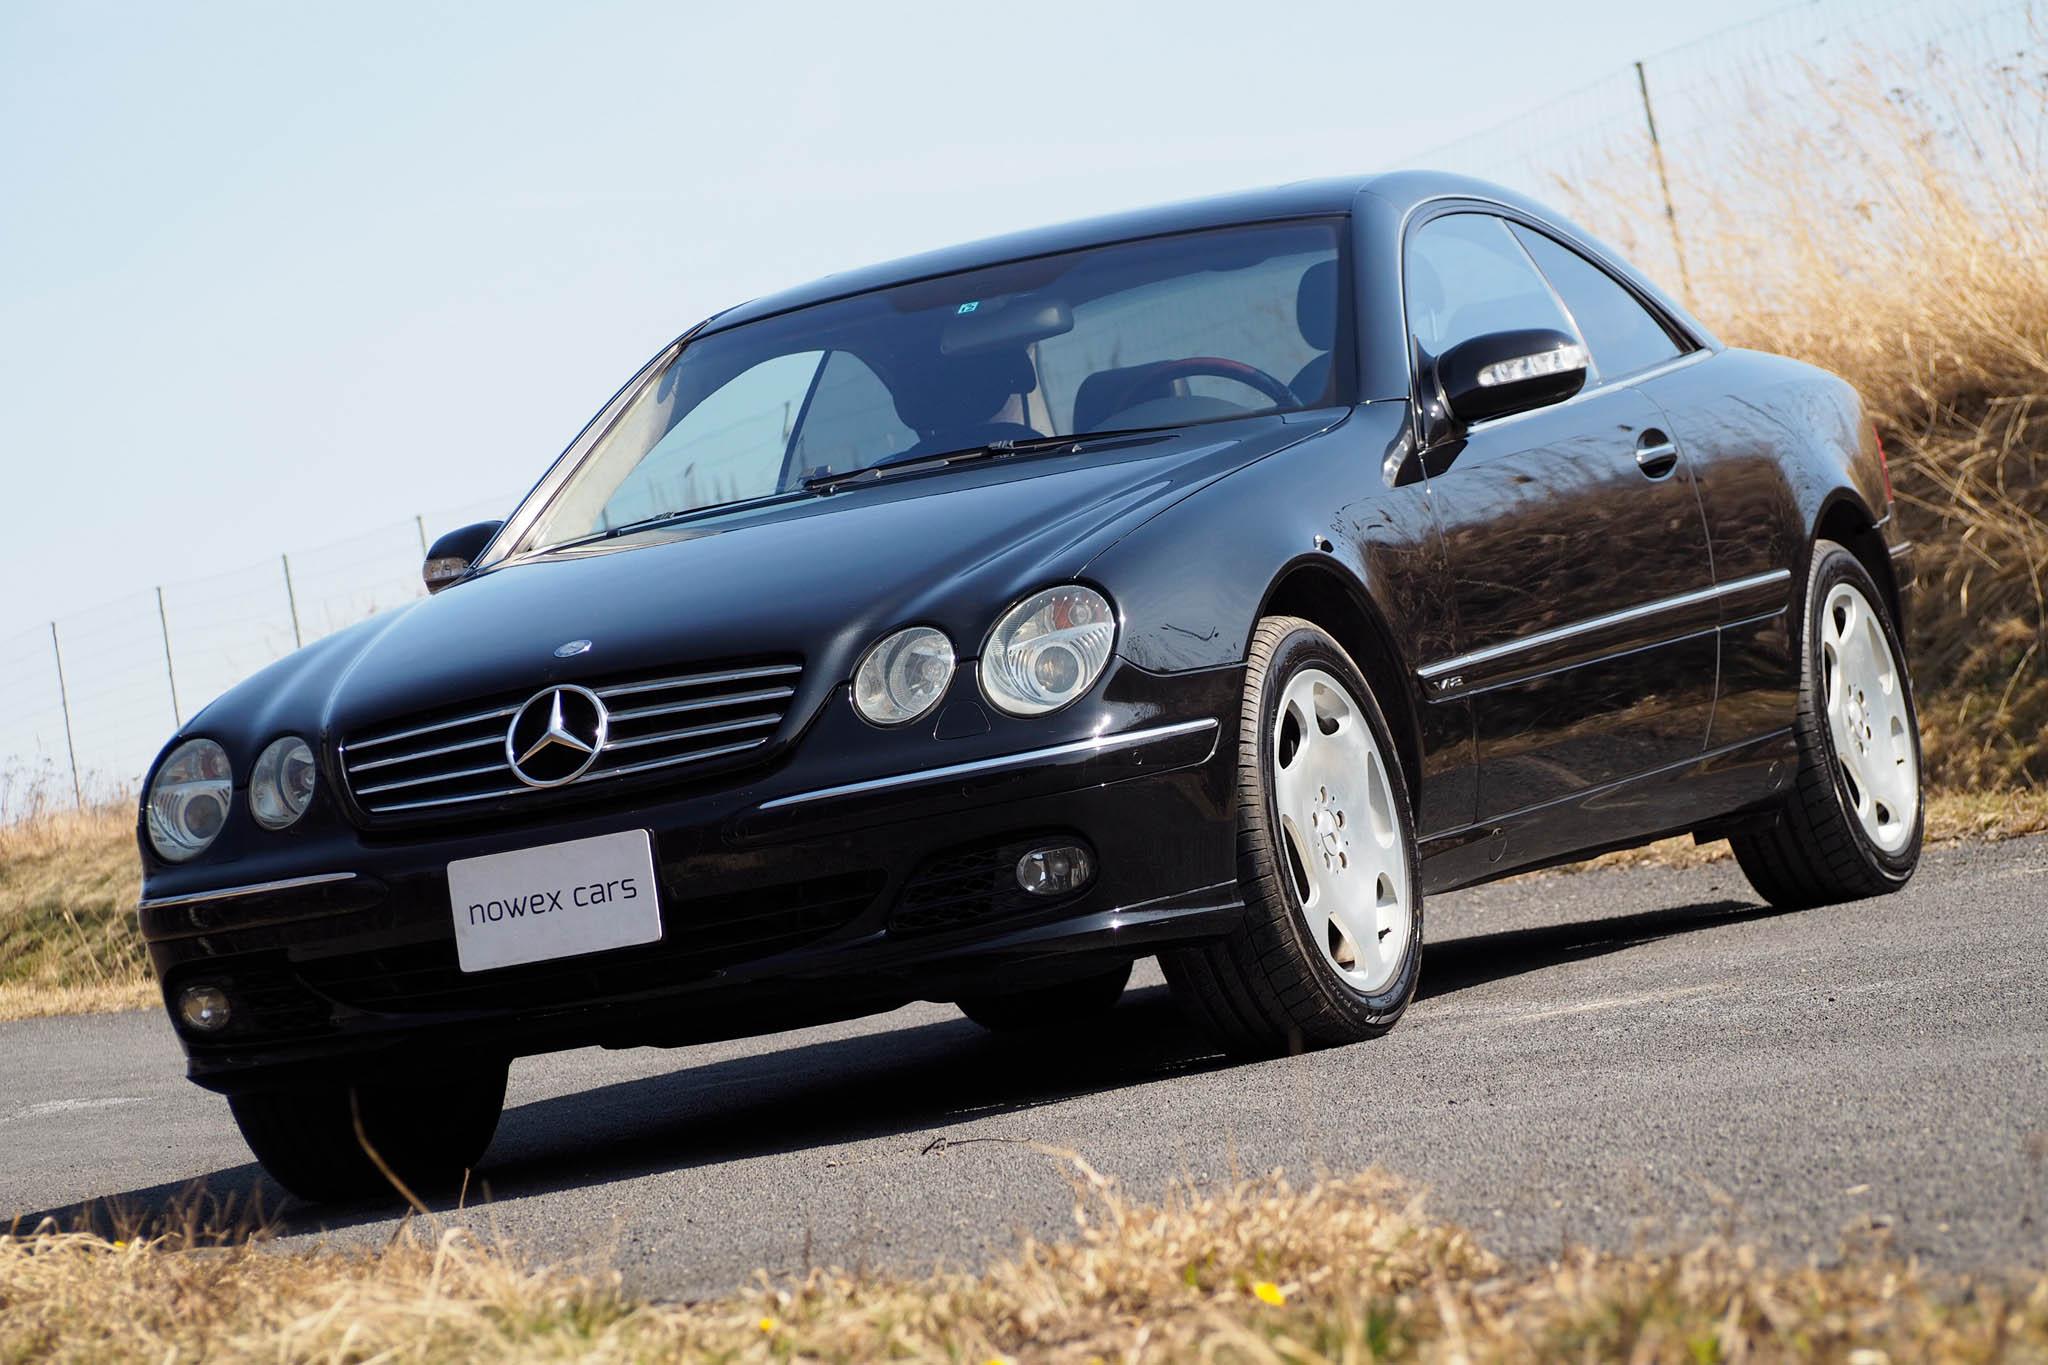 03 mercedes benz cl 600 v12 biturbo nowex cars. Black Bedroom Furniture Sets. Home Design Ideas